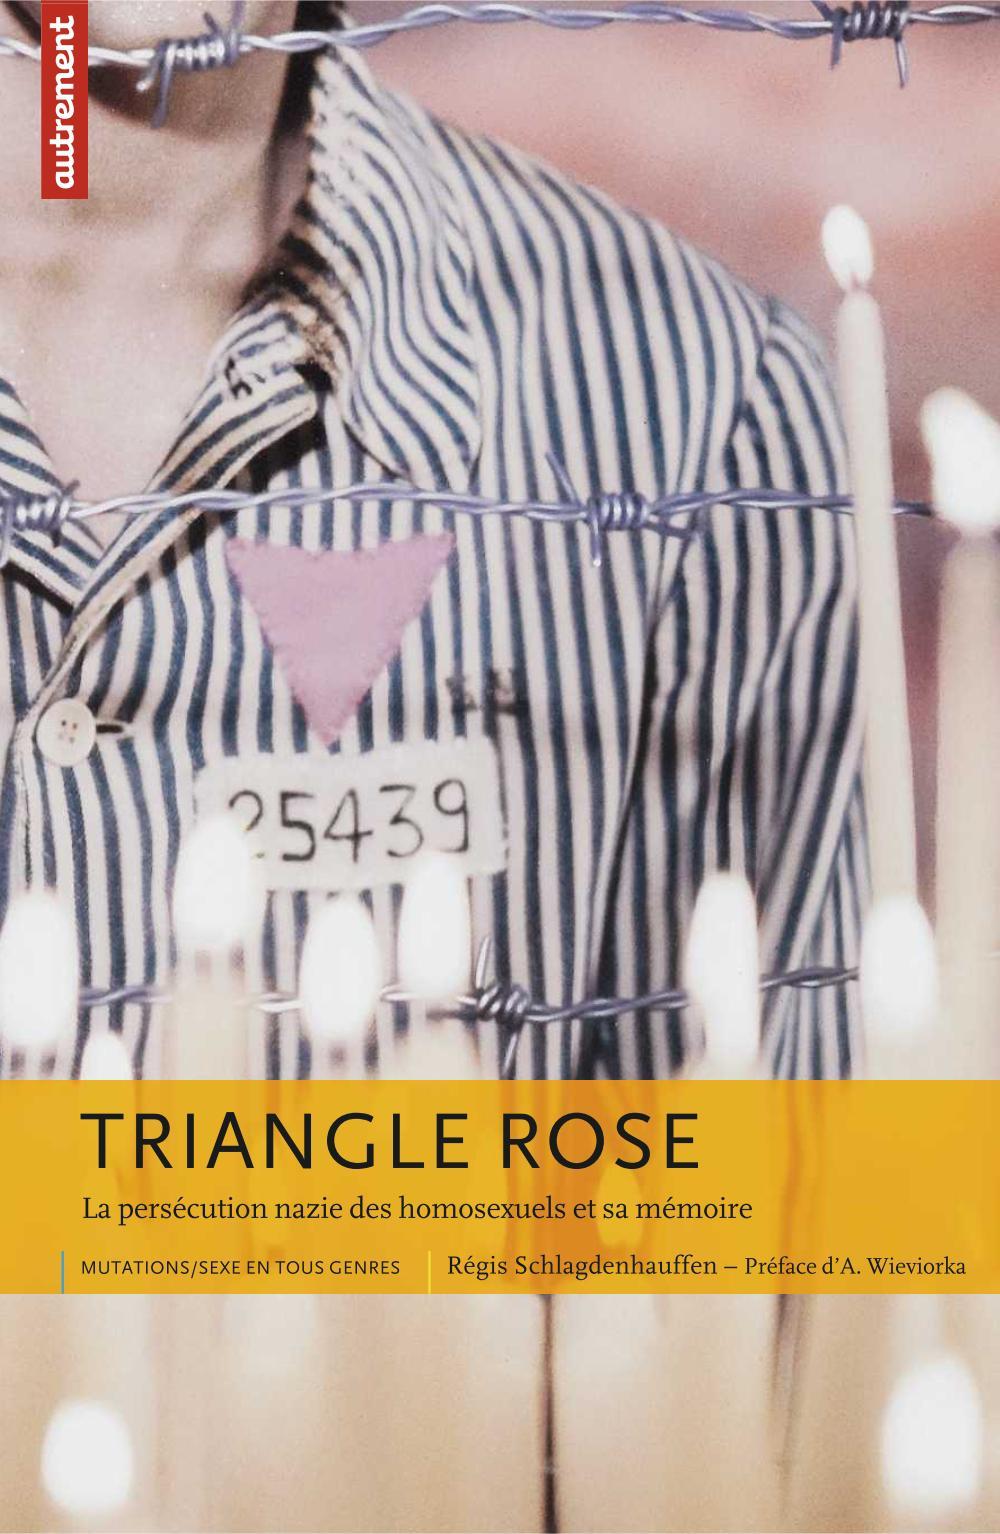 Triangle rose, LA PERSÉCUTION NAZIE DES HOMOSEXUELS ET SA MÉMOIRE